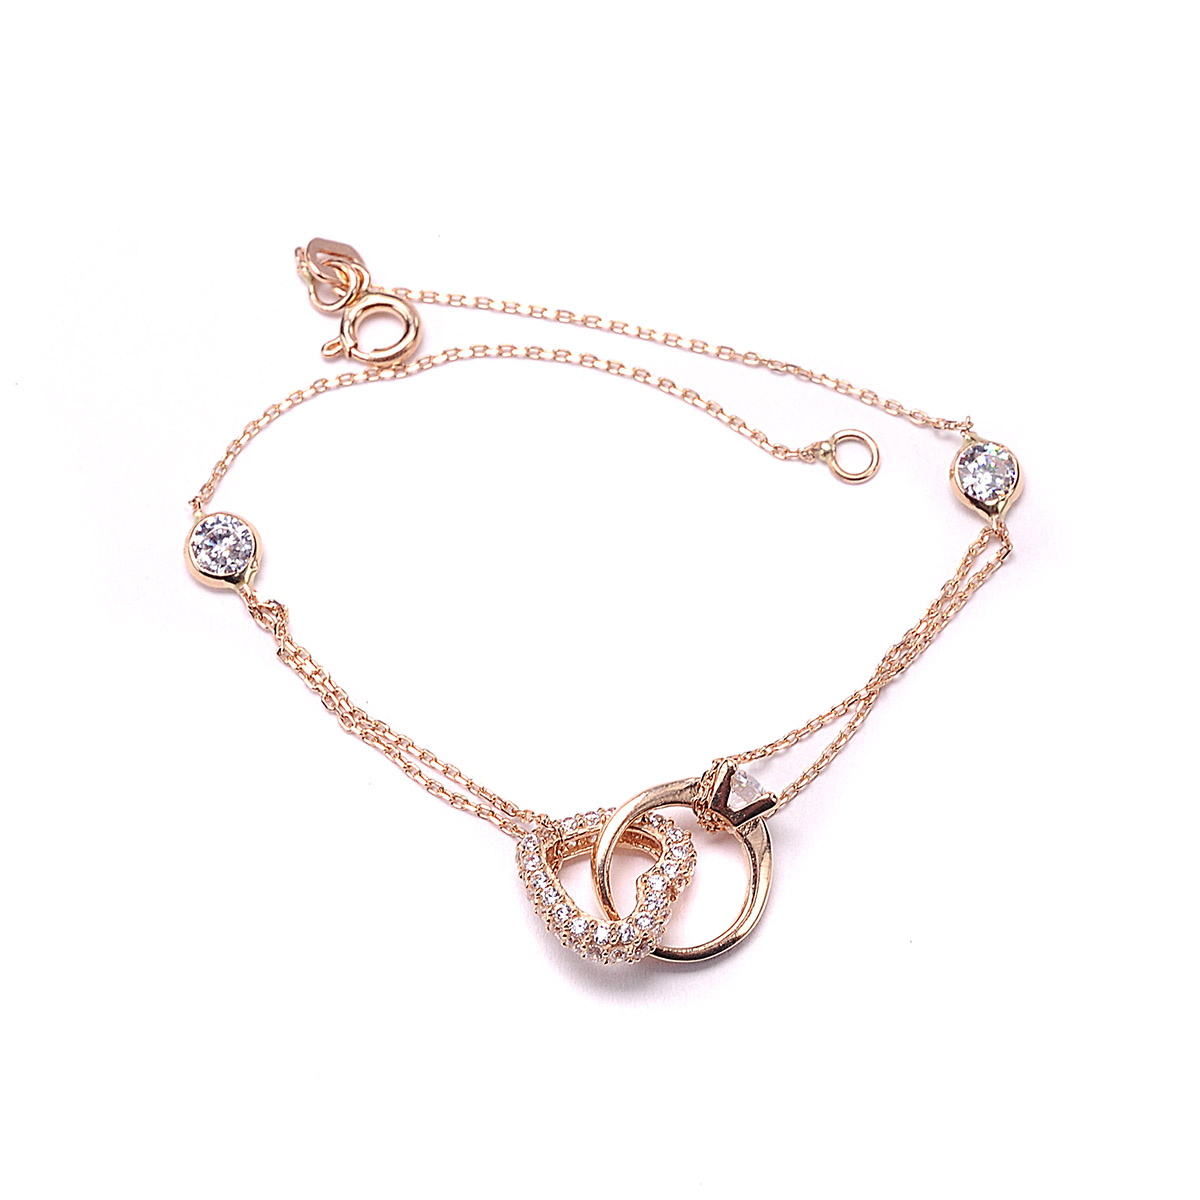 738c29fdf06 Βραχιόλι καρδιά μονόπετρο ροζ χρυσό Κ14 4240